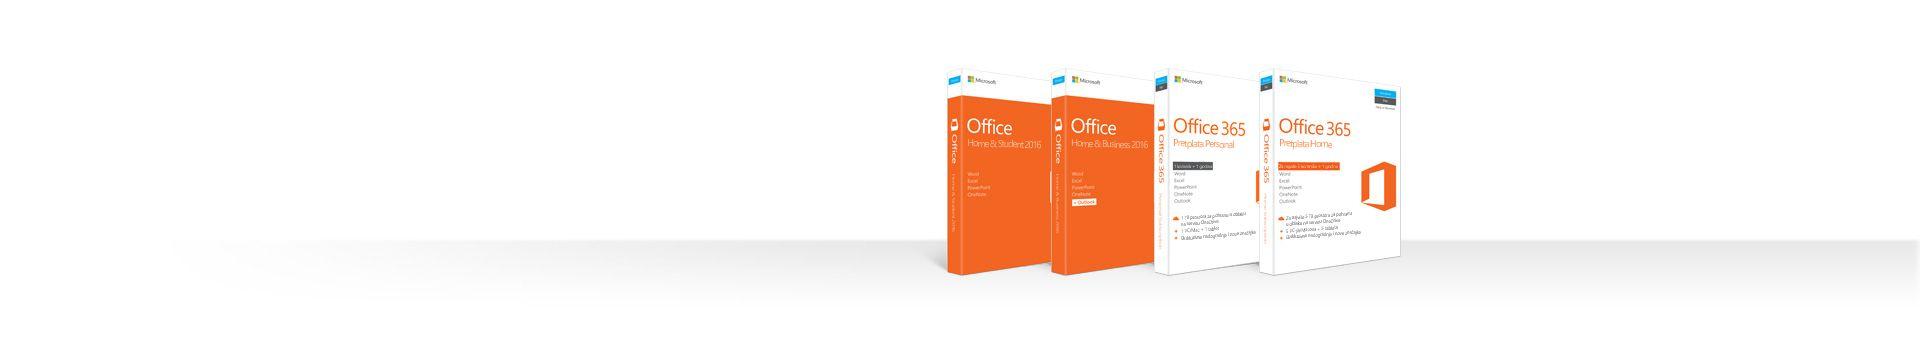 Redak okvira koji predstavljaju pretplatu na Office i samostalne proizvode za Mac